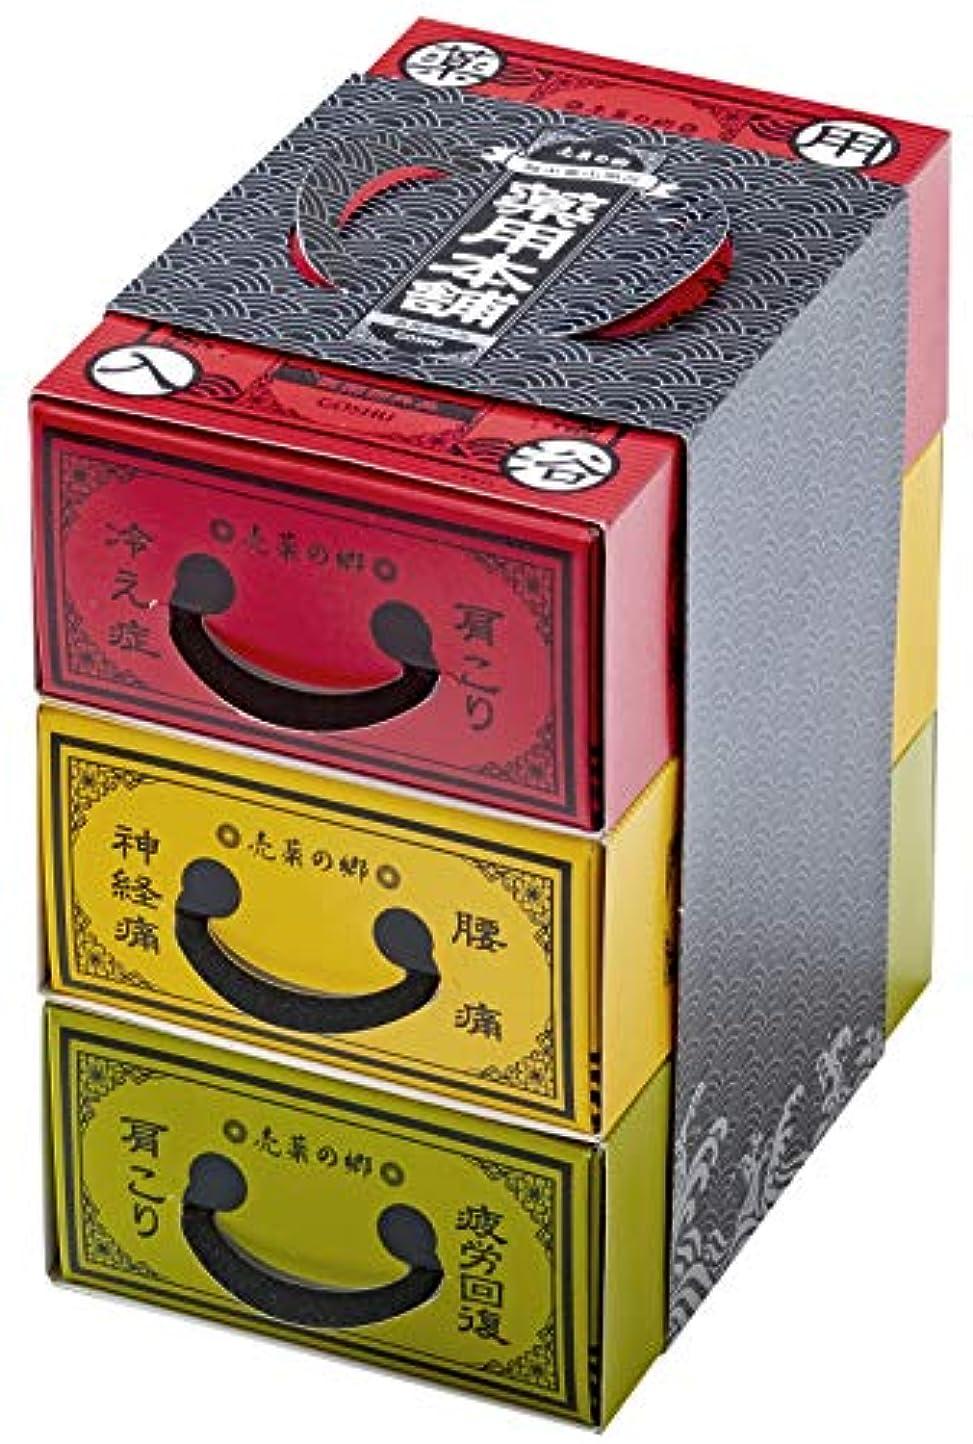 優勢クリープ認証五洲薬品 売薬の郷 薬用本舗 3箱セット 入浴剤 25g×3包×3種(赤?黄色?緑)